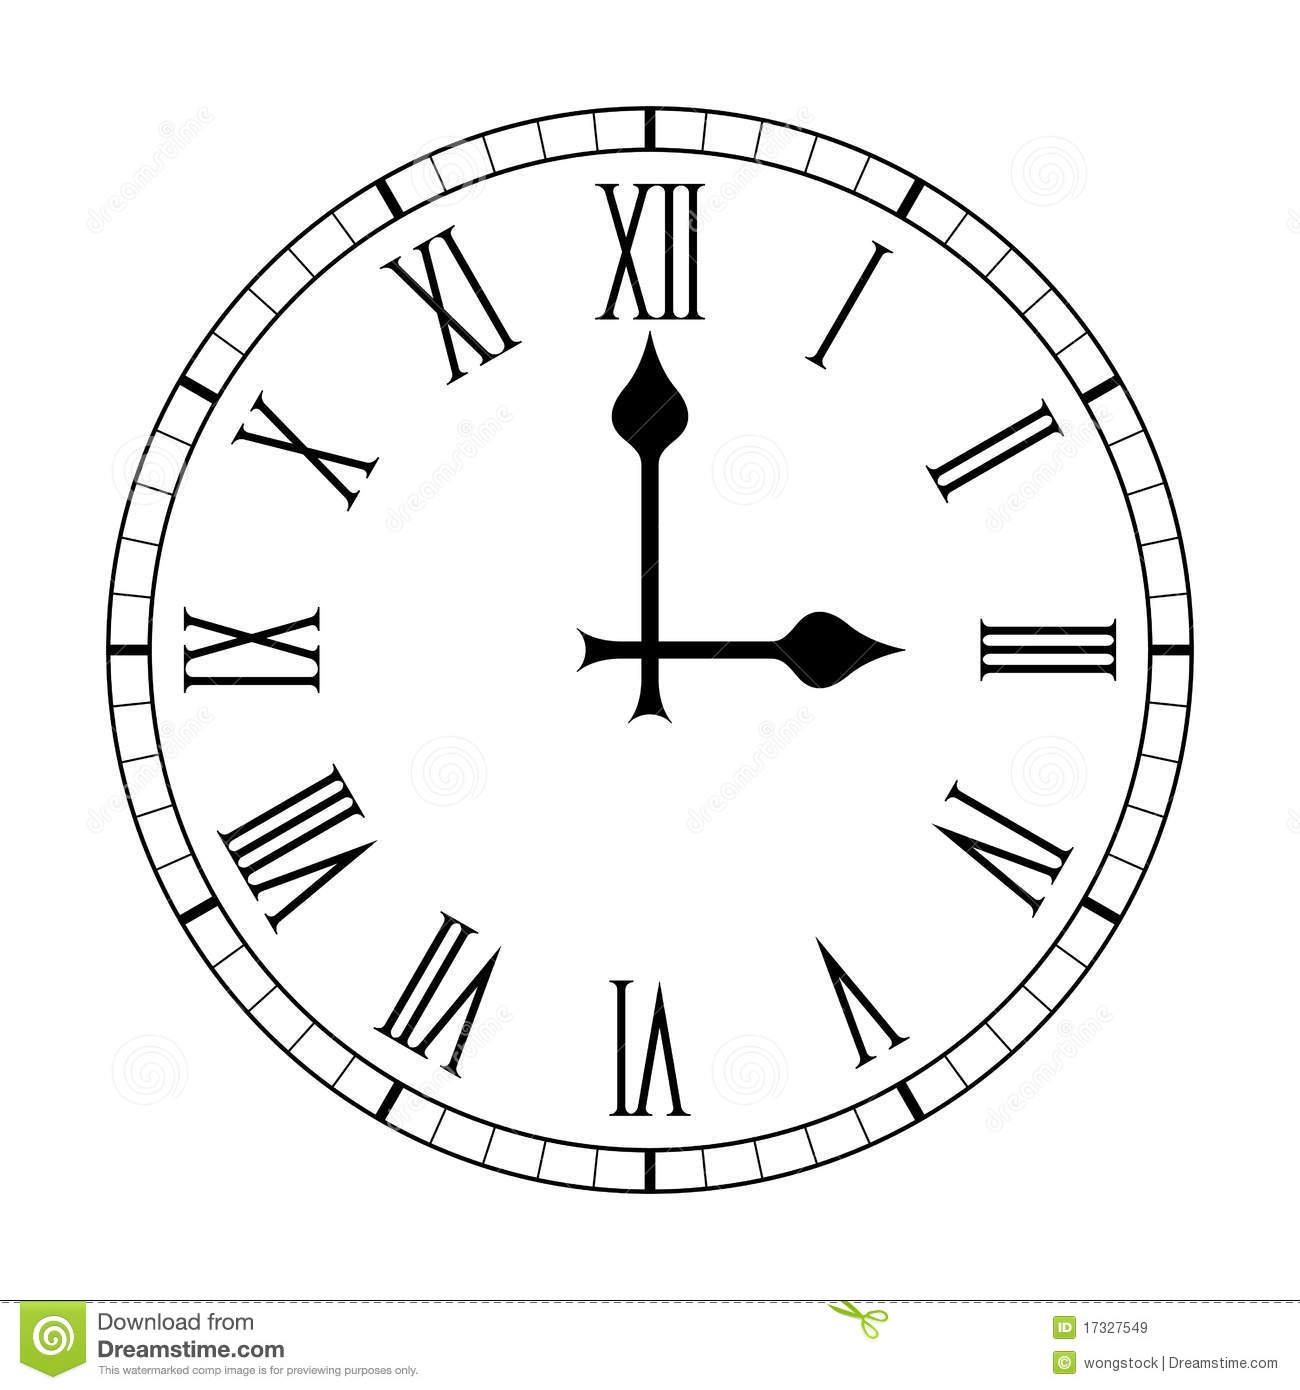 Visage D'horloge Ordinaire De Chiffre Romain Sur Le Blanc concernant Dessin Chiffre Romain